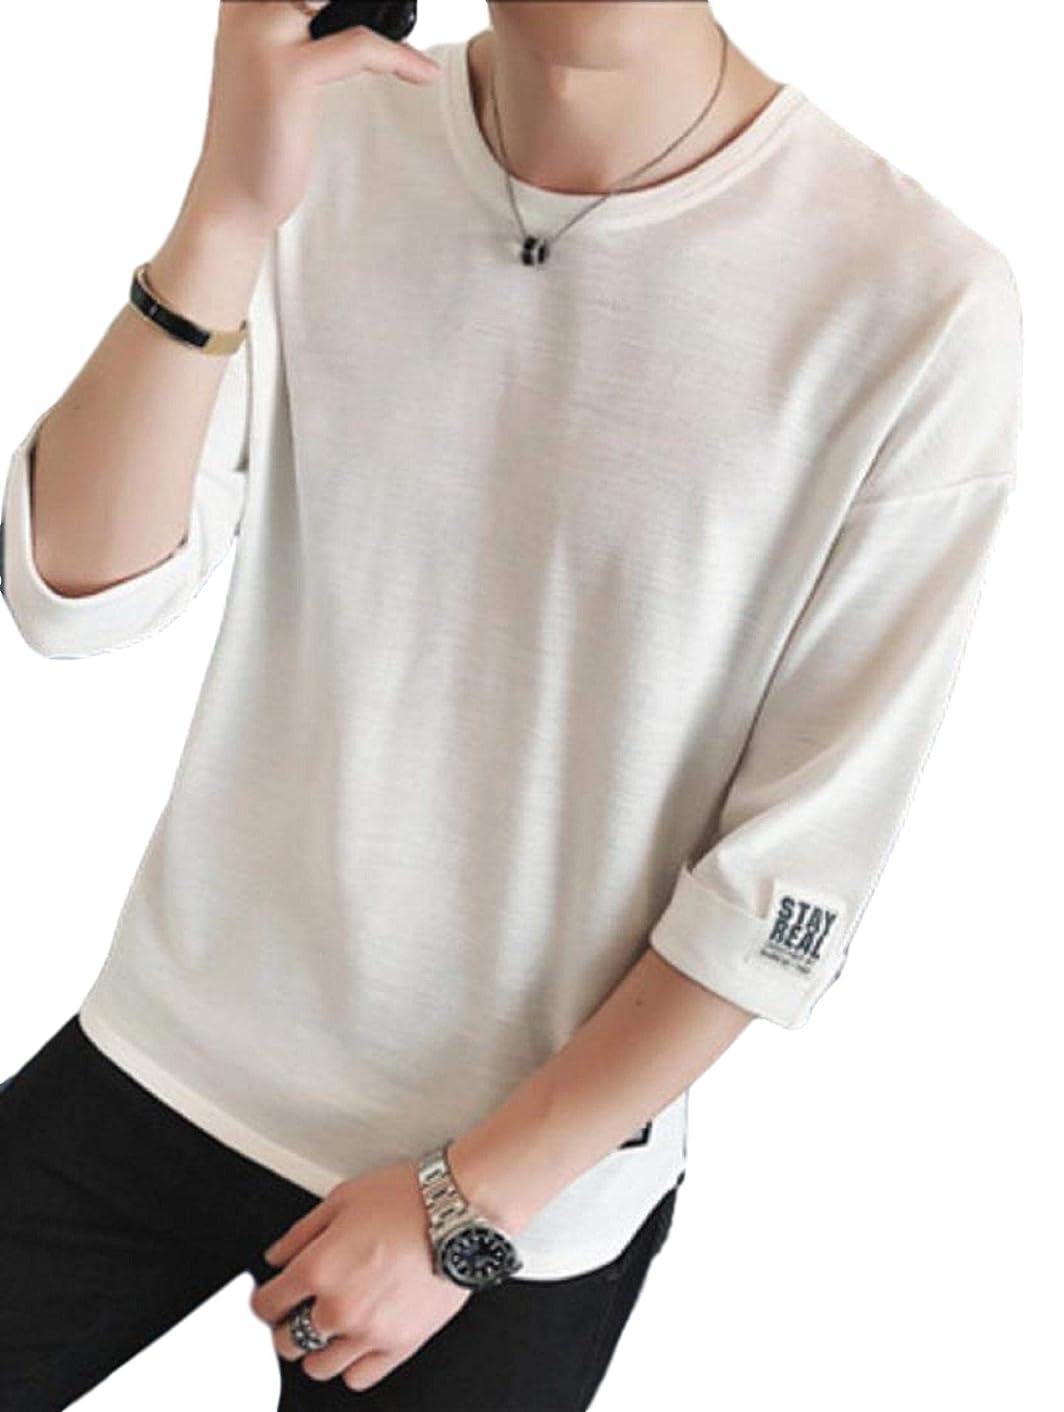 圧倒する鼻柔らかさ[アルトコロニー] シンプル 七分袖 五分袖 tシャツ ロンt ストリート系 韓国 オシャレ 肌着 インナー M ~ XL メンズ